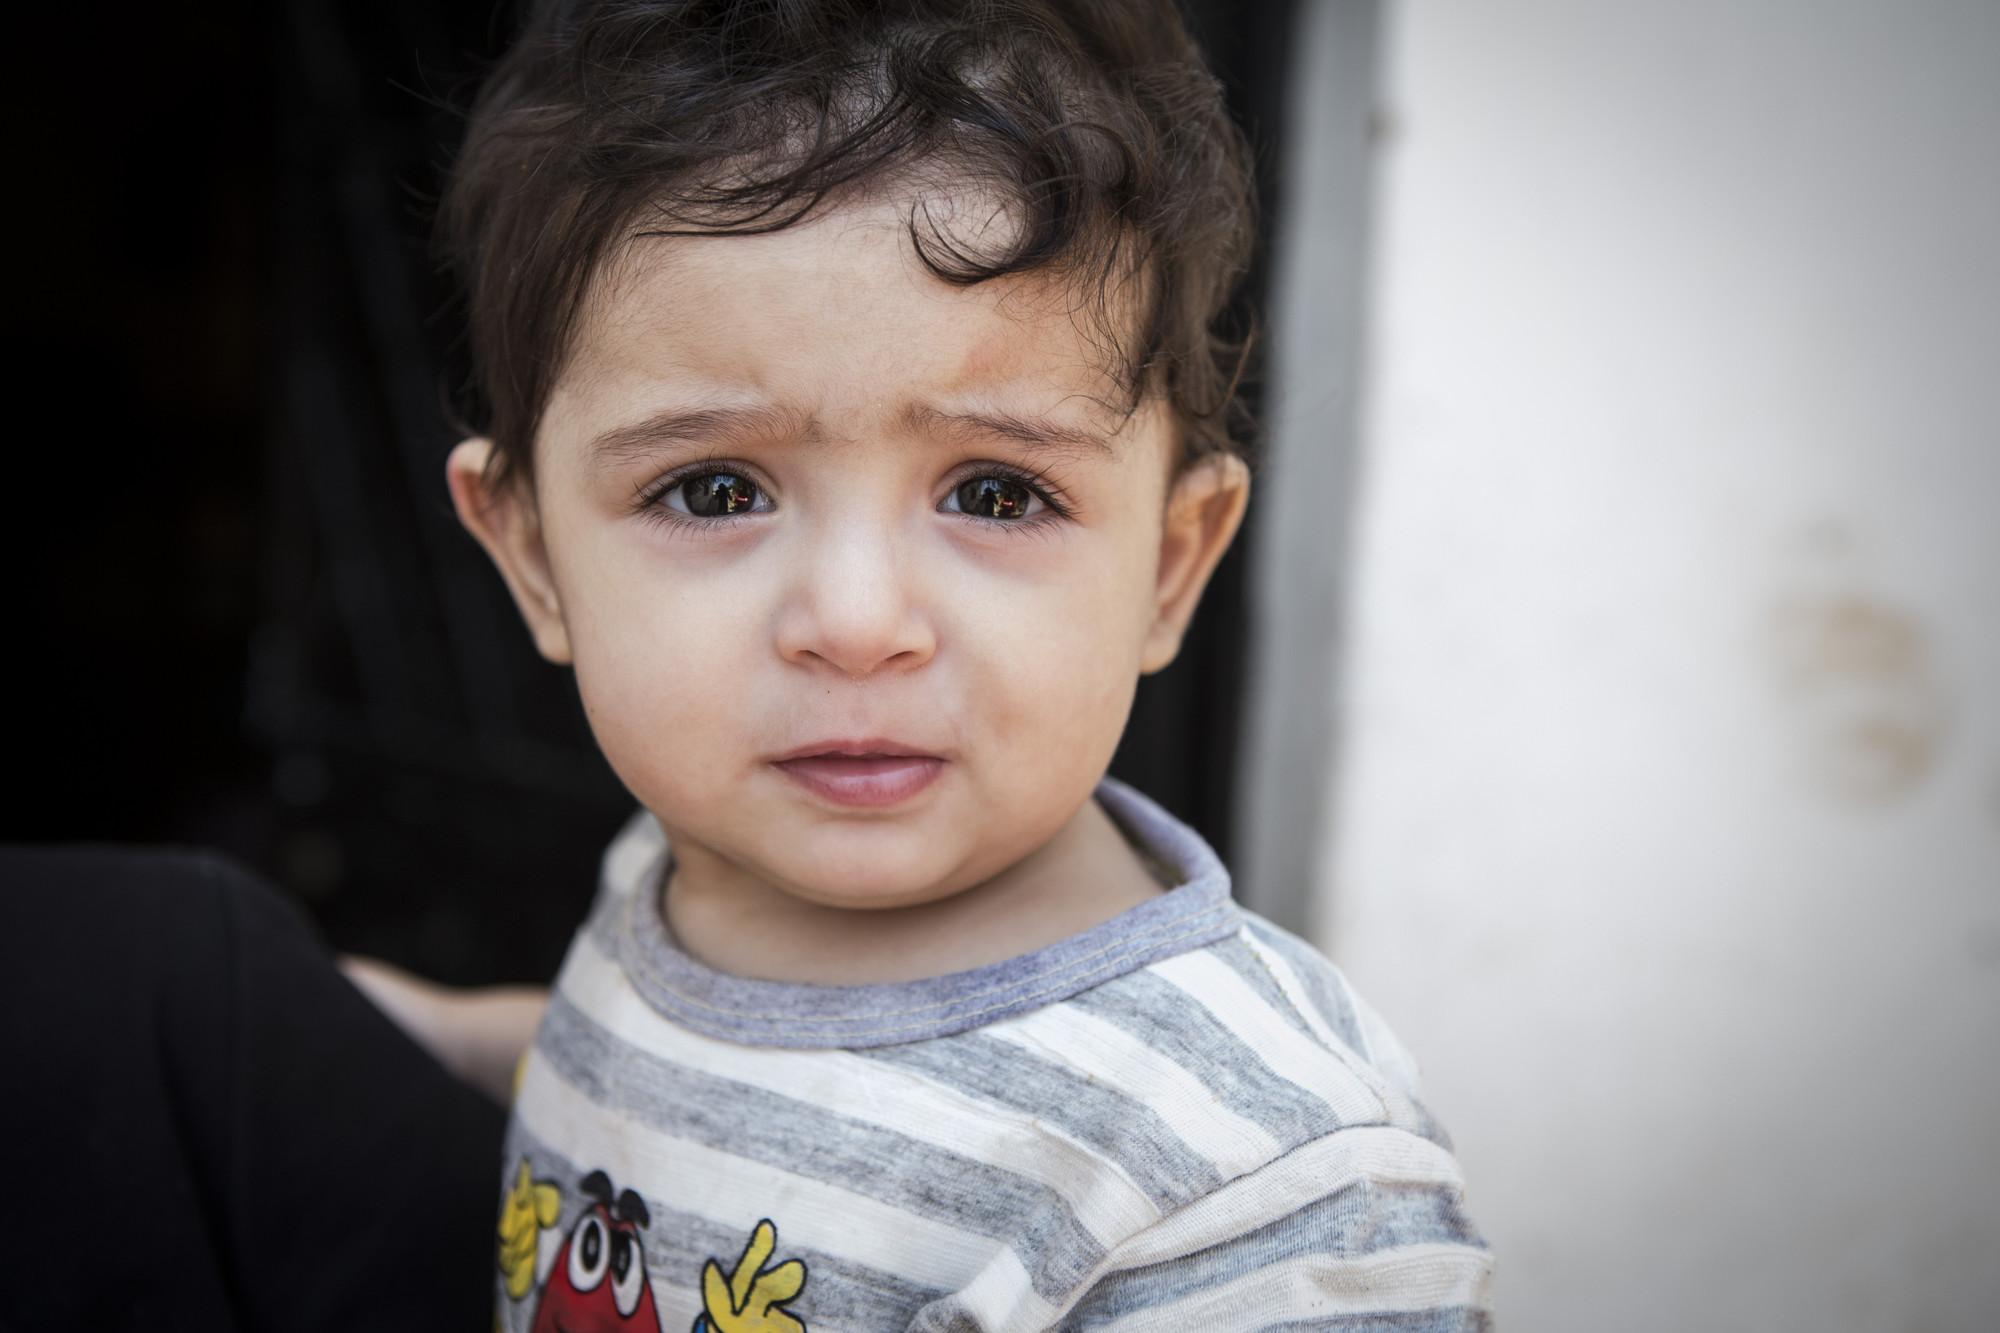 Especial niños refugiados | Save the Children